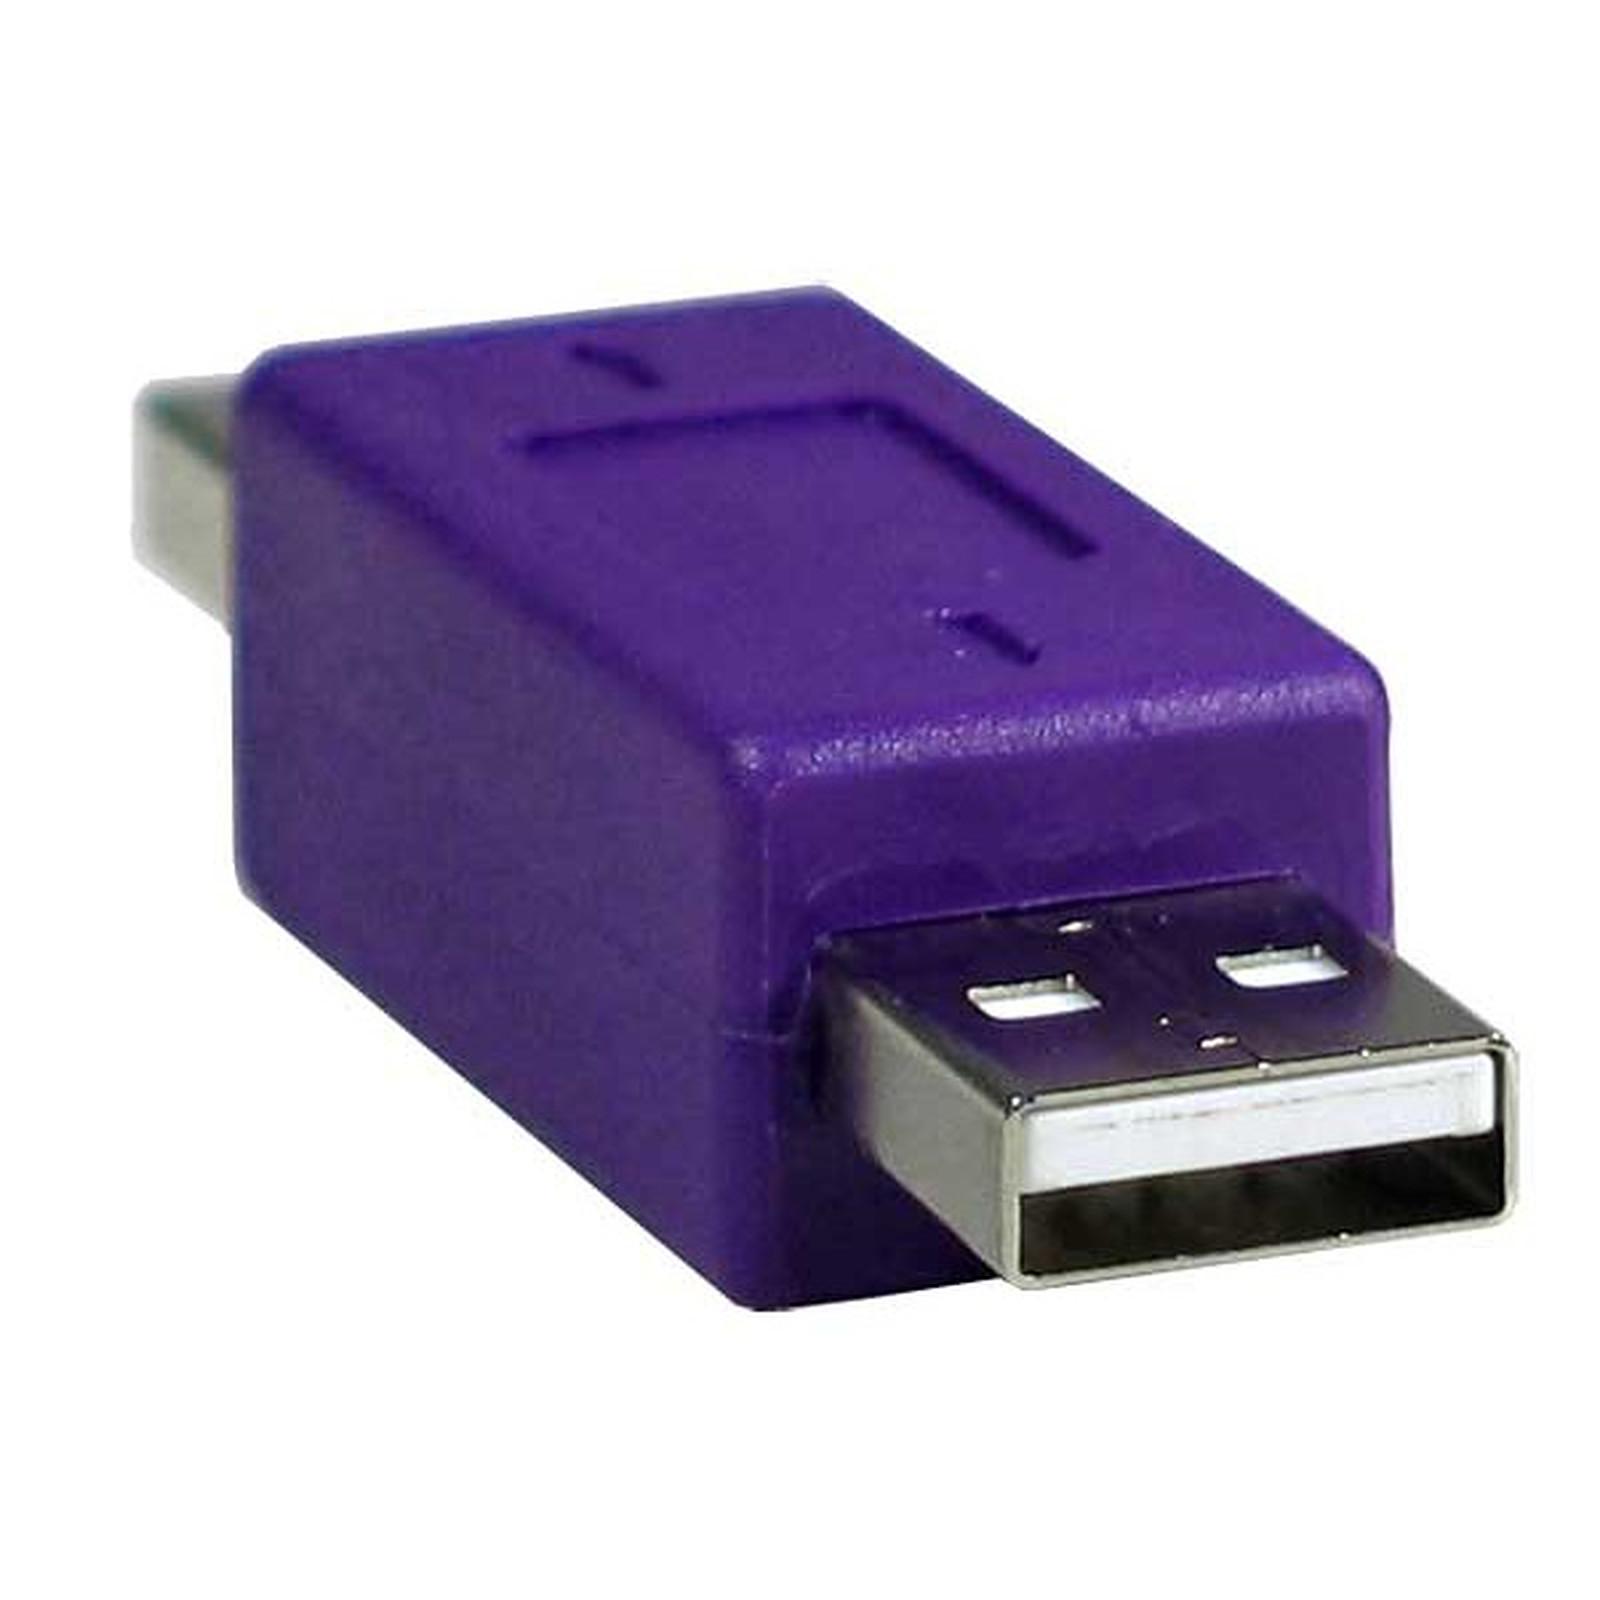 Adaptateur USB 2.0 type A mâle / A mâle